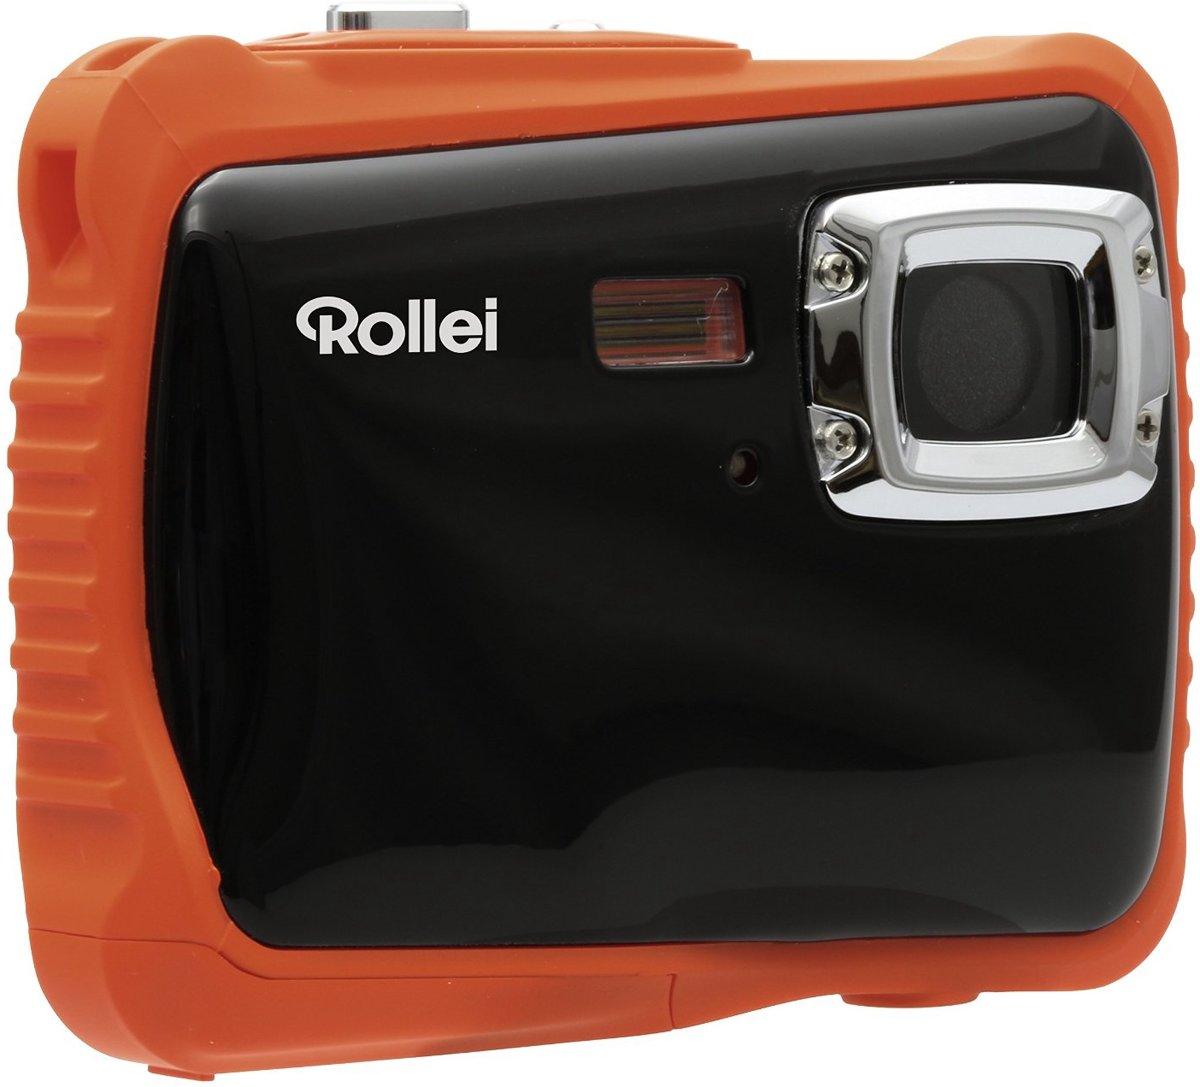 Rollei Sportsline 65 - Zwart/Oranje